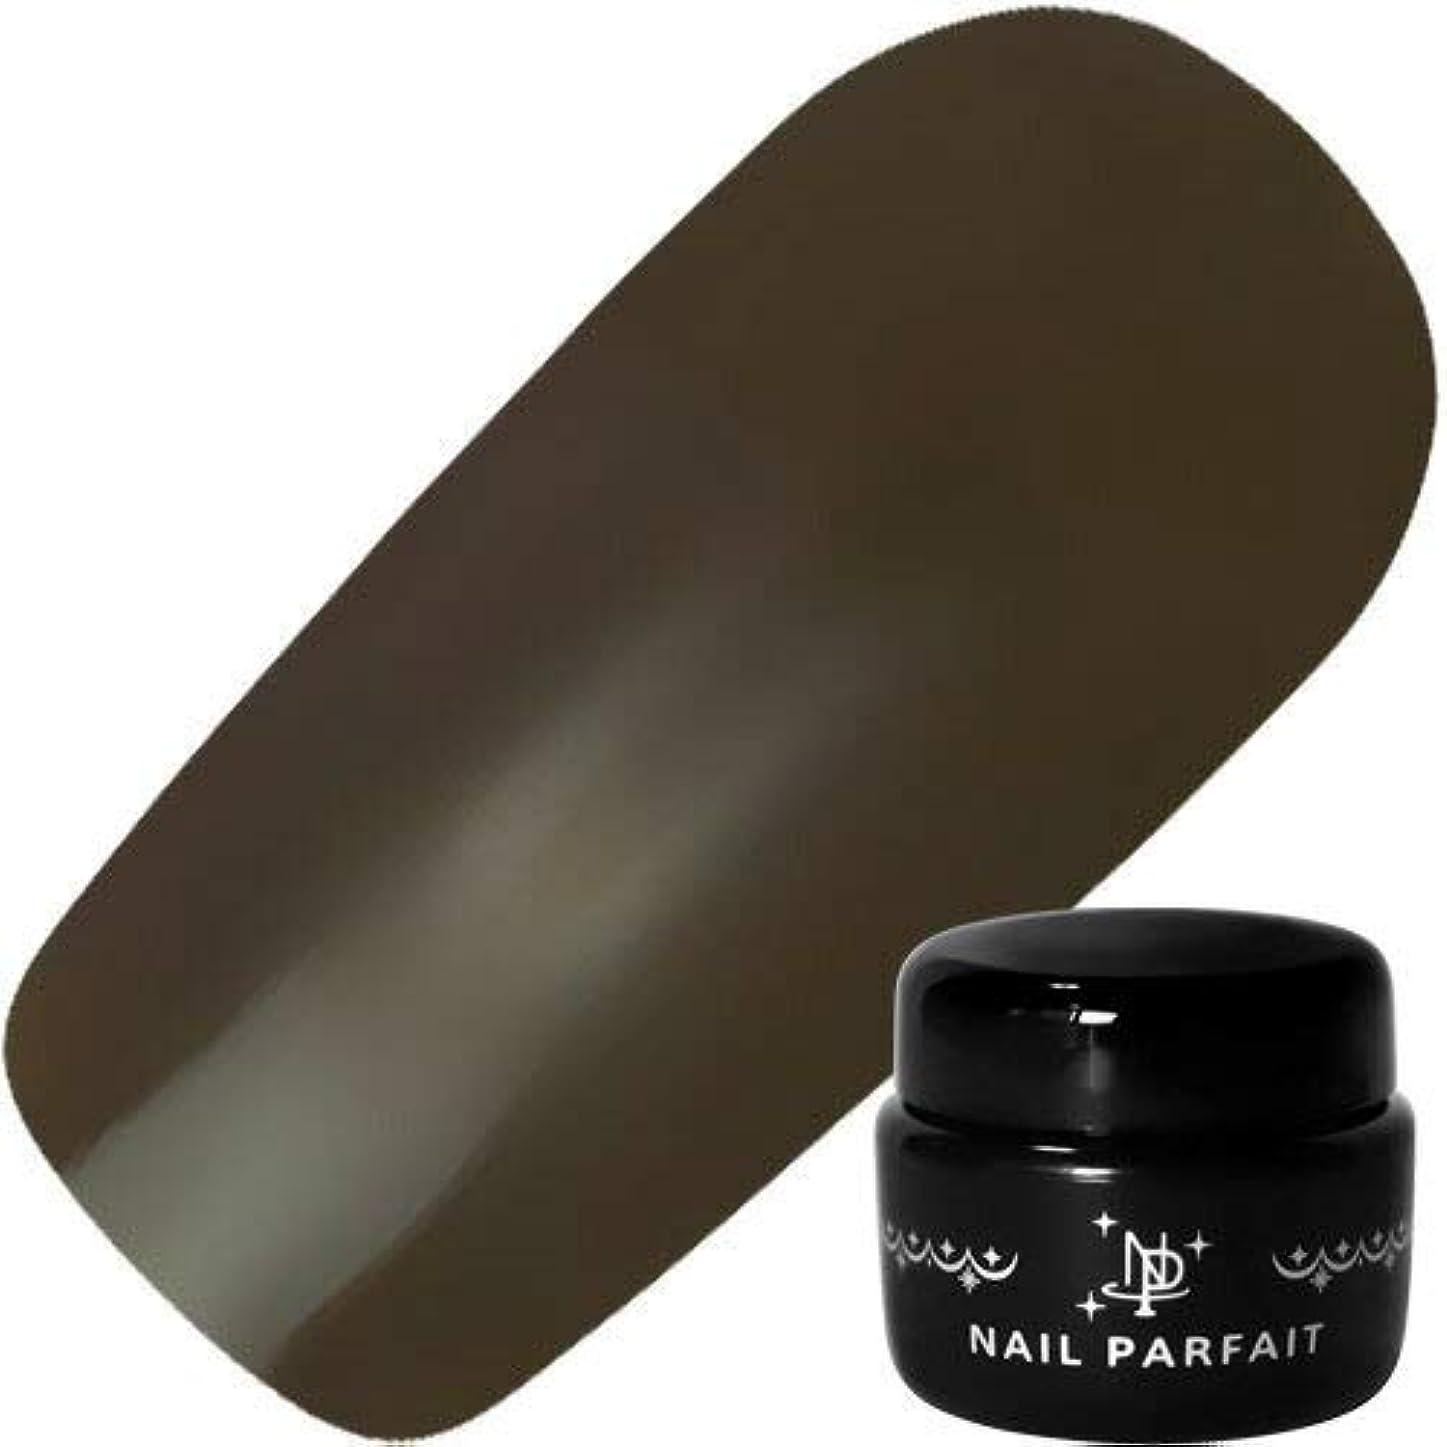 クラス組み込むがっかりしたNAIL PARFAIT ネイルパフェ カラージェル T02 トールブラウン 2g 【ジェル/カラージェル?ネイル用品】